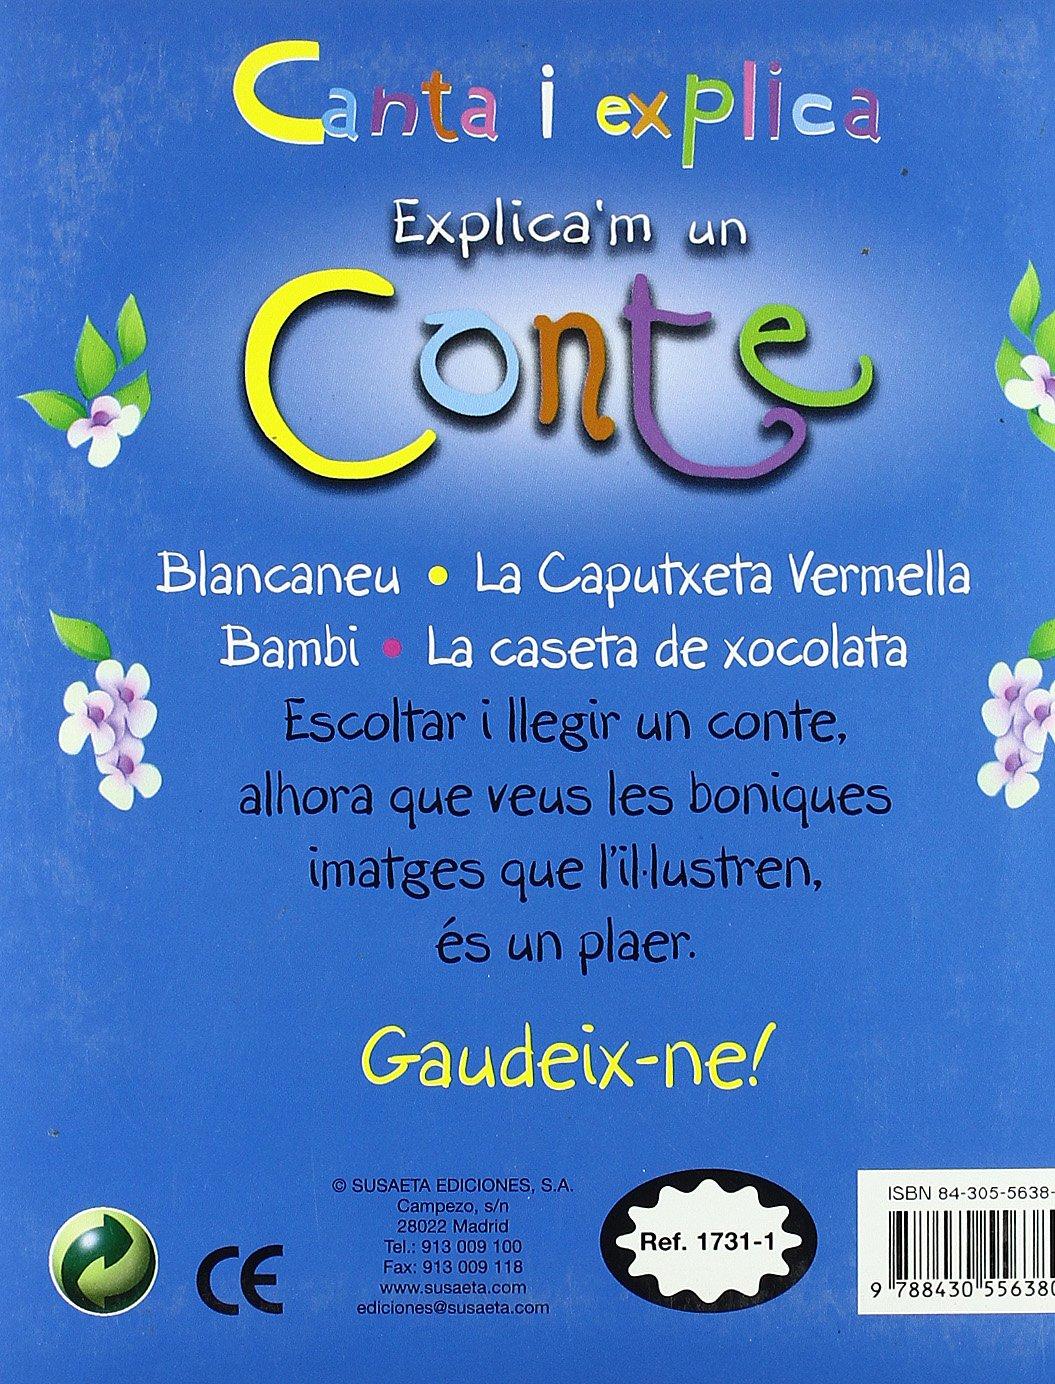 ExplicaM Un Conte (Canta I (Canta I Explica Amb Cd): Amazon.es: Vv.Aa: Libros